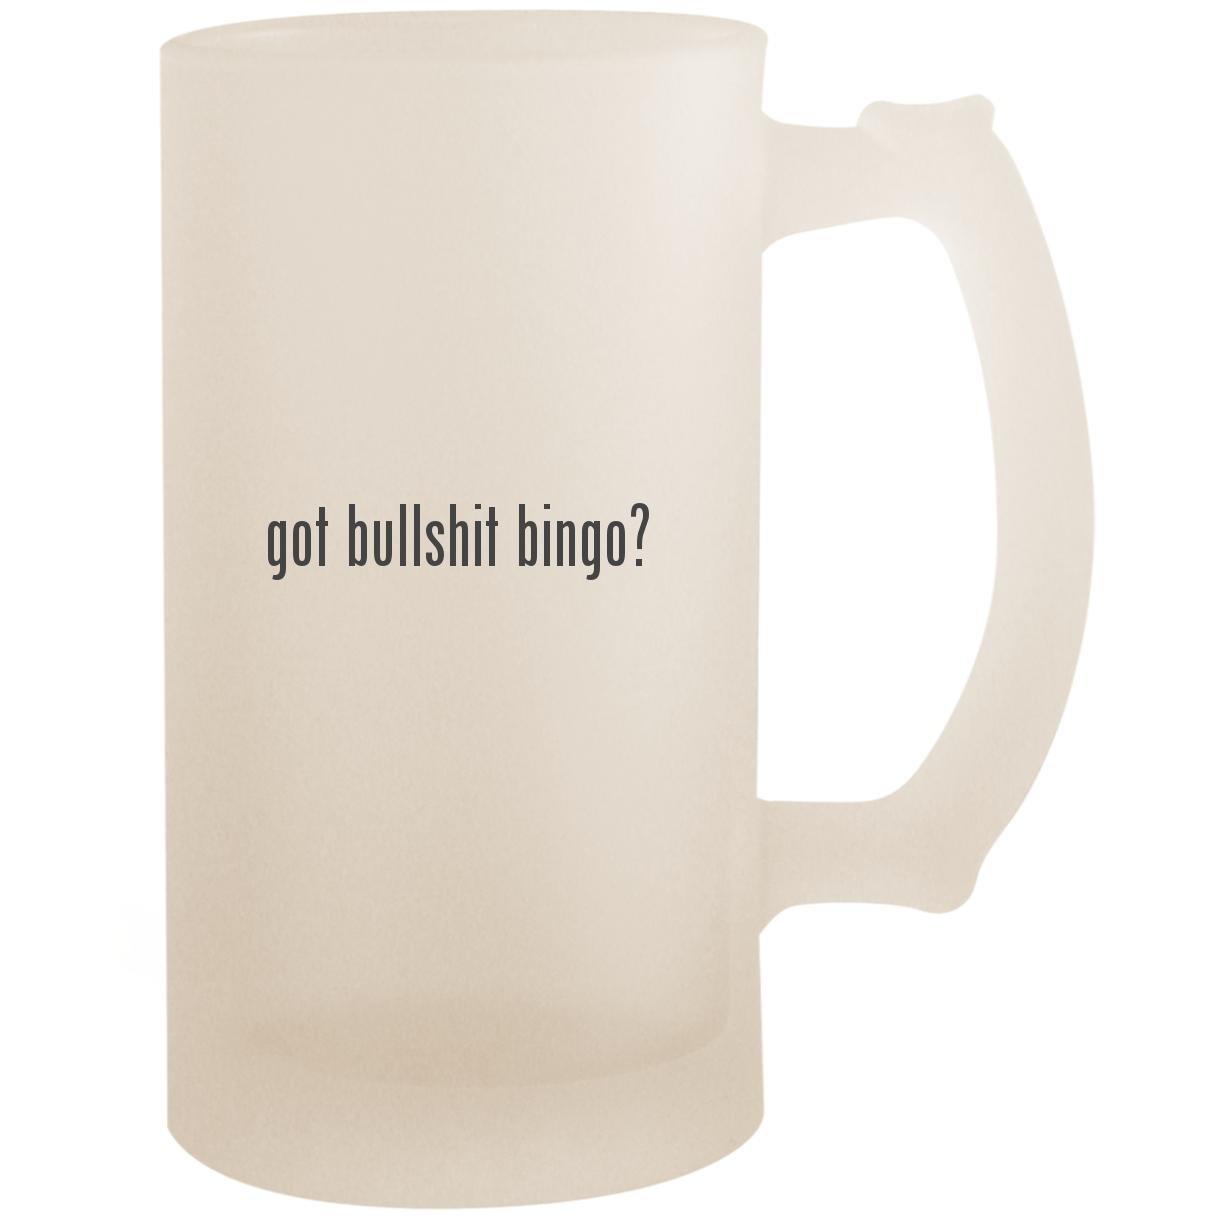 got bullshit bingo? - 16oz Glass Frosted Beer Stein Mug, Frosted